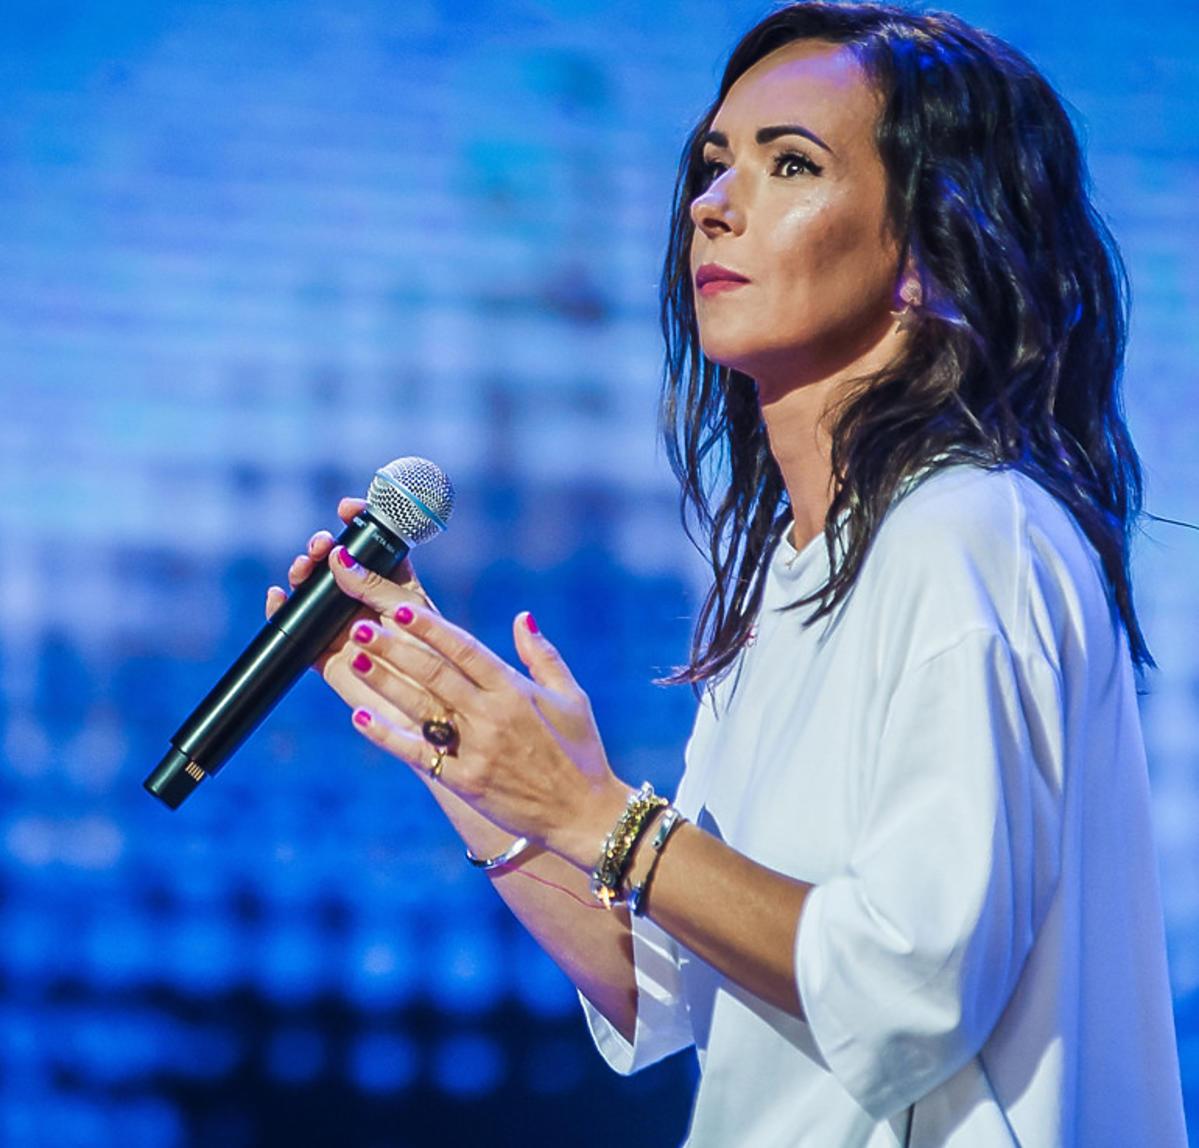 Kasia Kowalska w białej bluzce